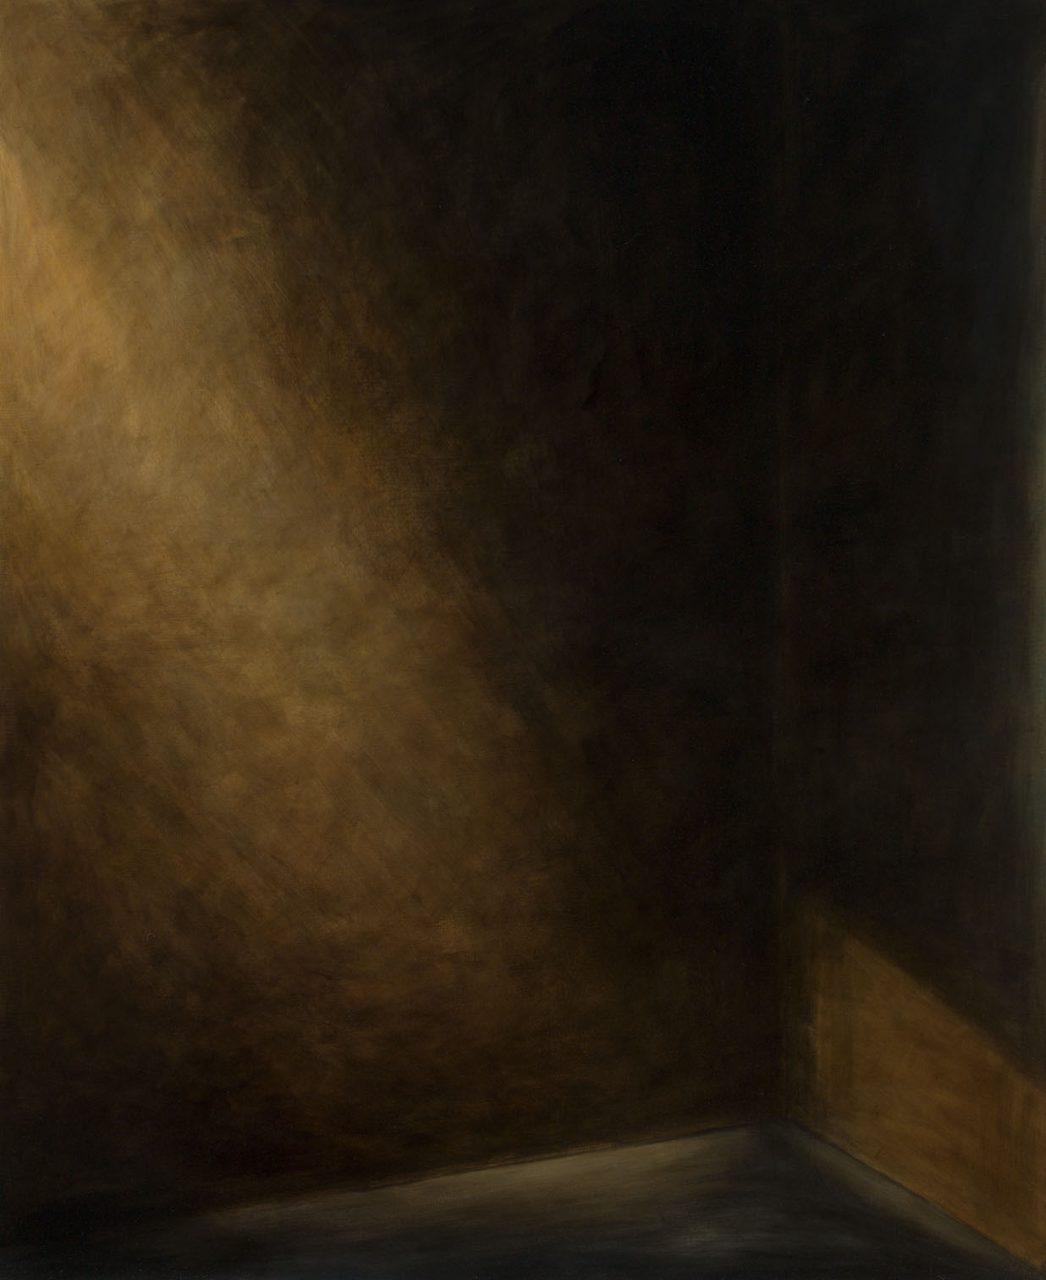 raumecke 4, 2016, öl/leinwand, 160 x 130 cm